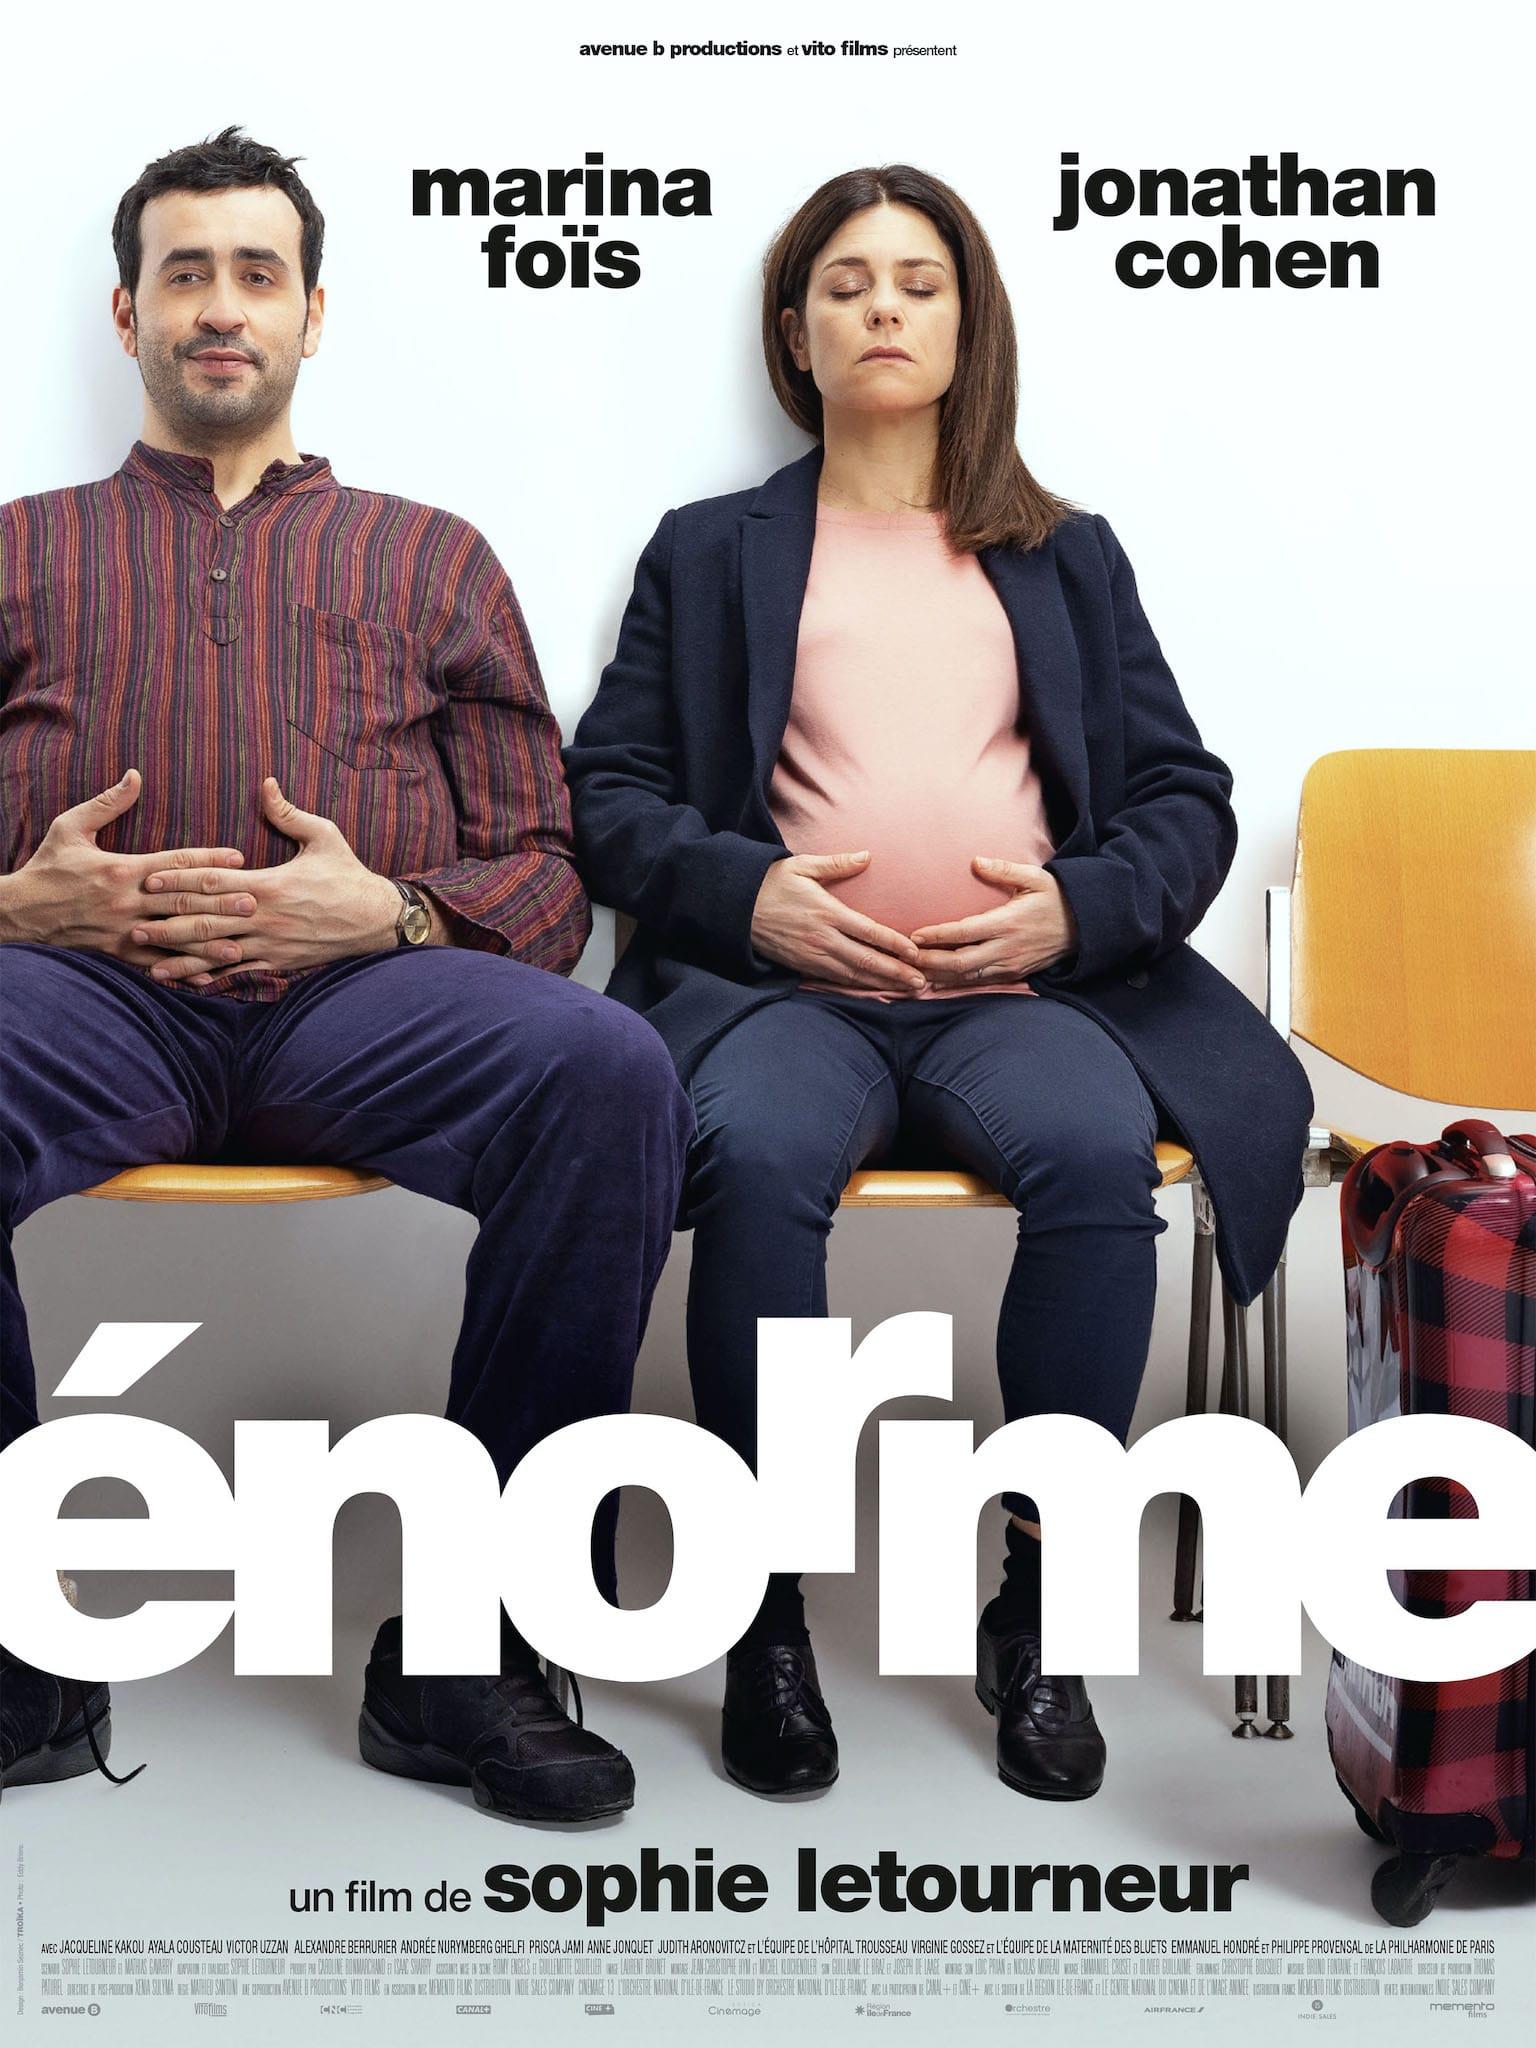 Énorme de Sophie Letourneur affiche film cinéma